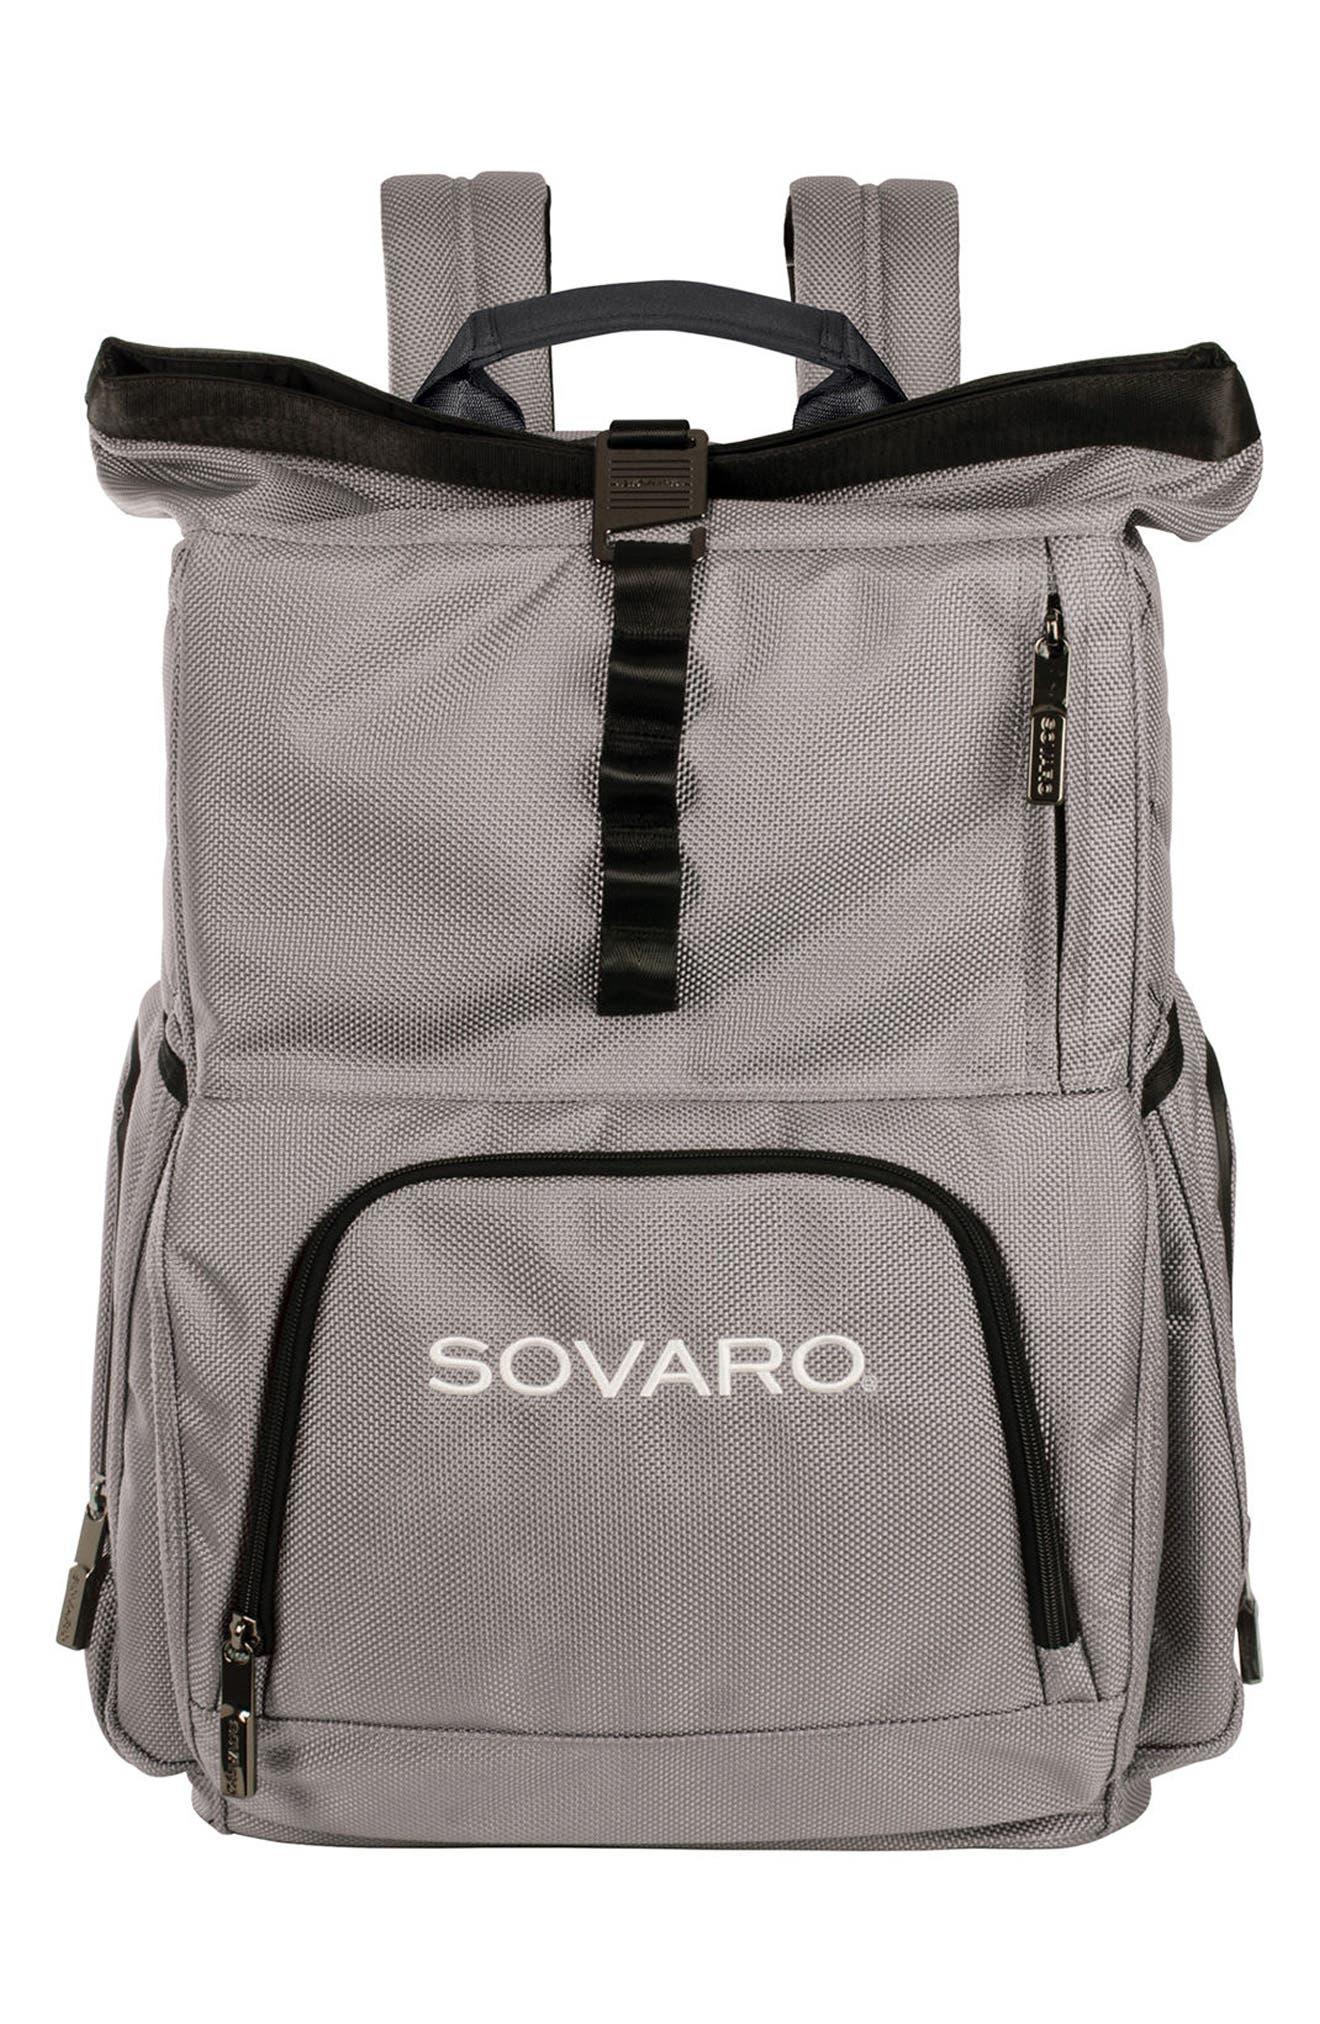 Main Image - Sovaro Backpack Cooler